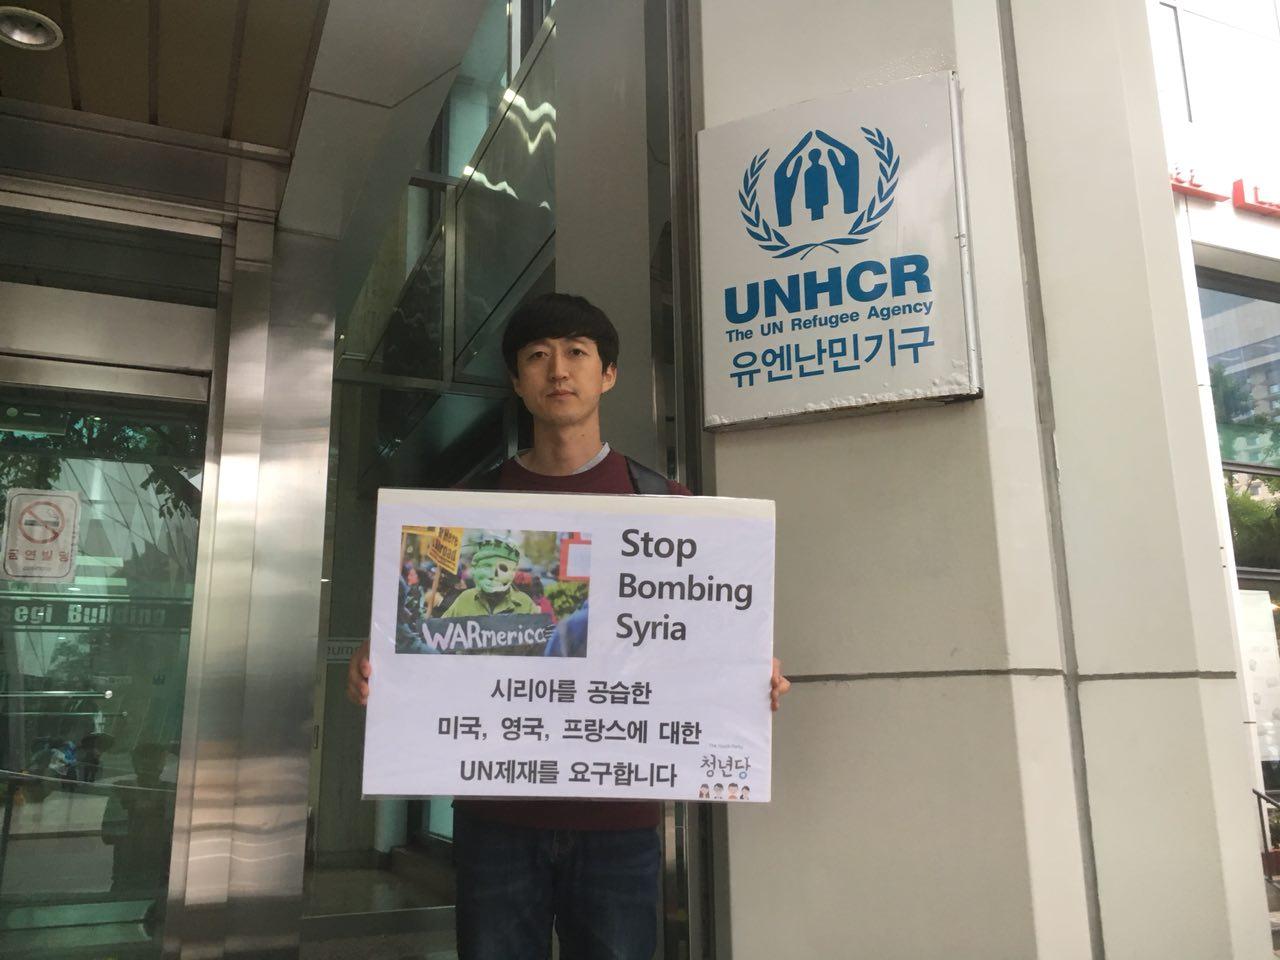 유엔난민기구 앞 1인시위 김수근 청년이 시리아 사태 해결 촉구를 요구하고 있다